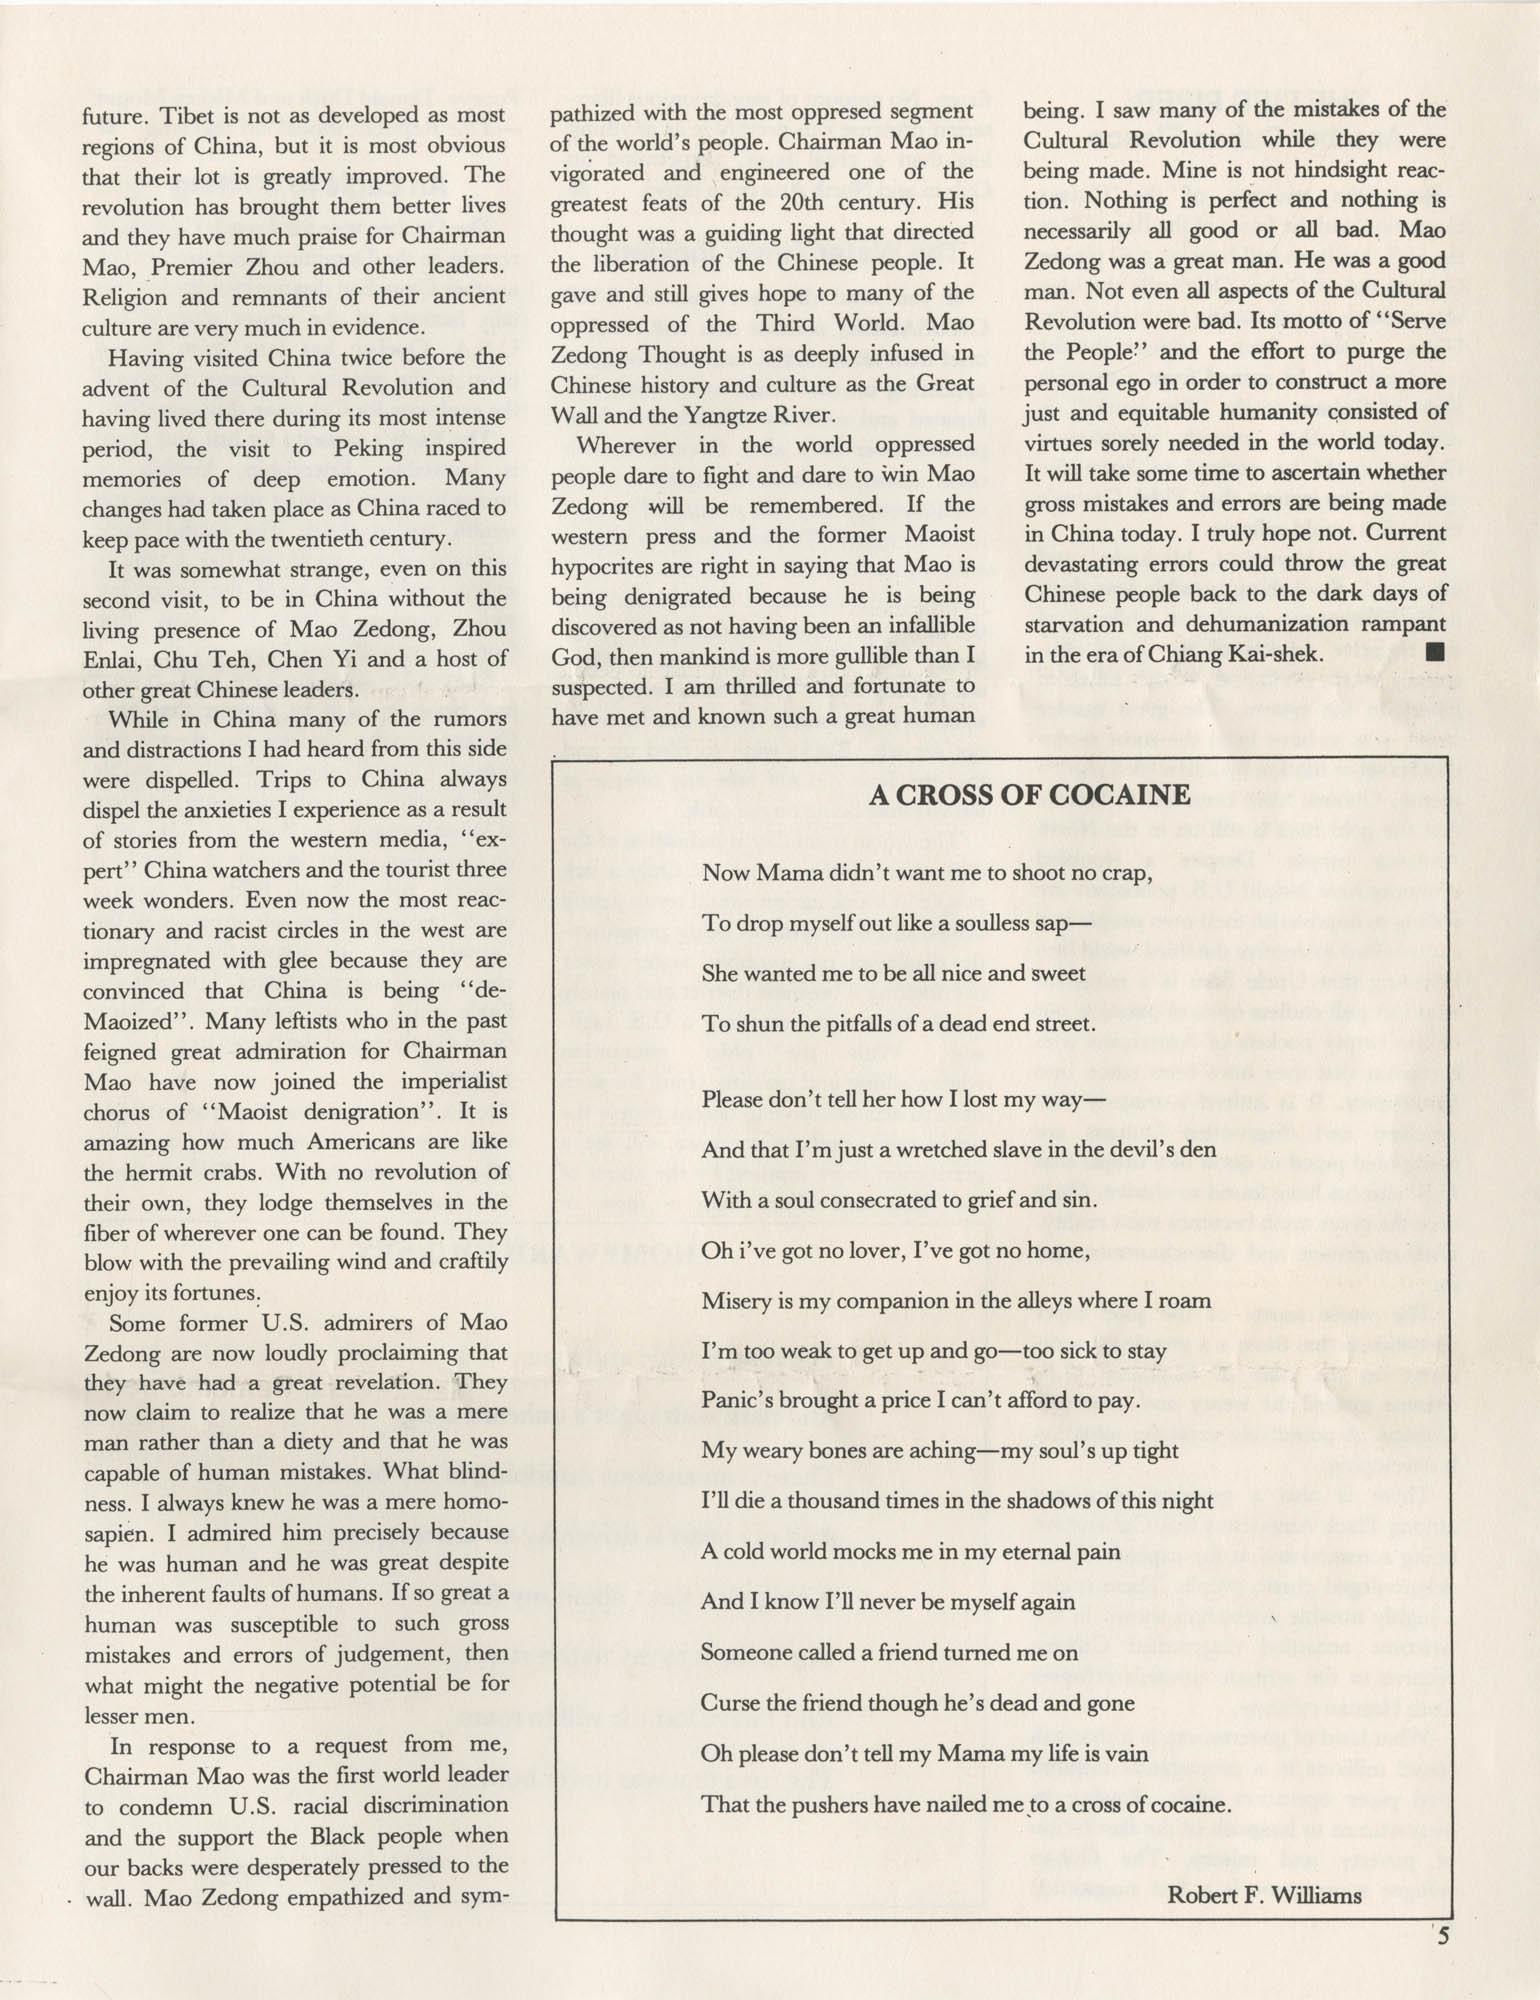 The Crusader, Vol. XII, No. 1, Page 5